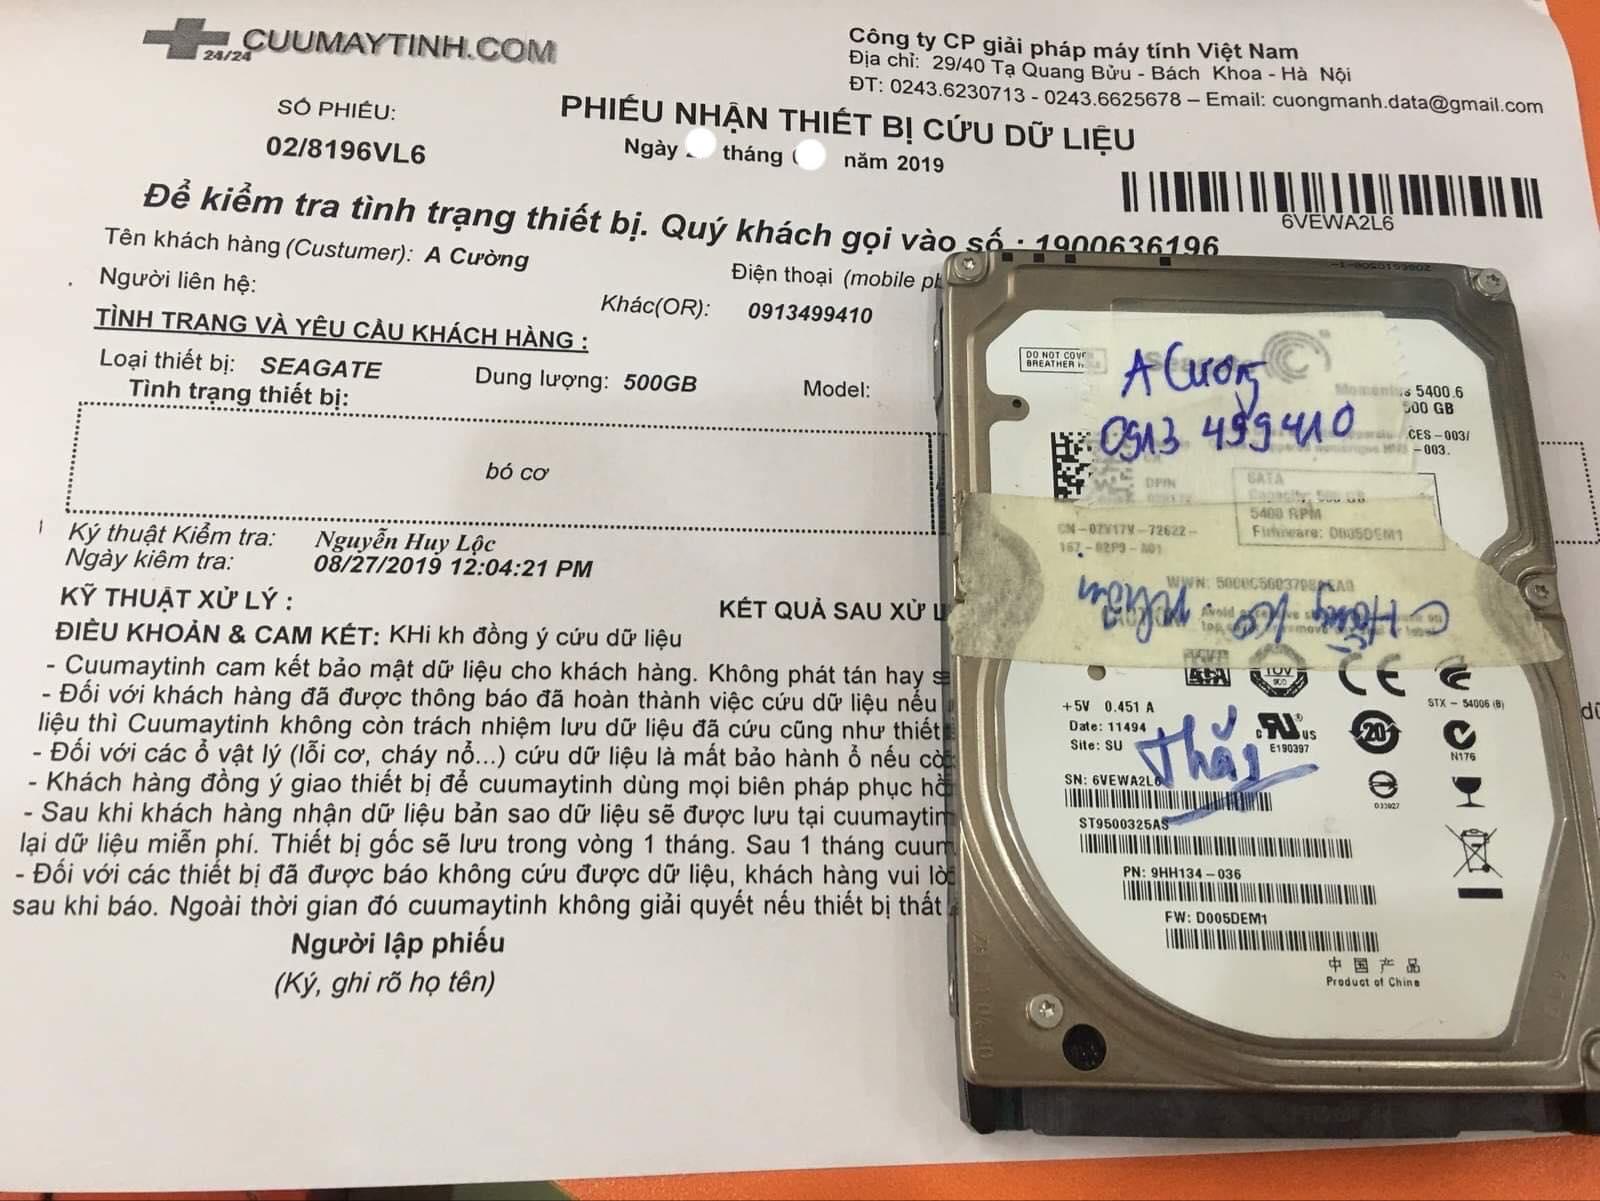 Khôi phục dữ liệu ổ cứng Seagate 500GB bó cơ 28/09/2019 - cuumaytinh